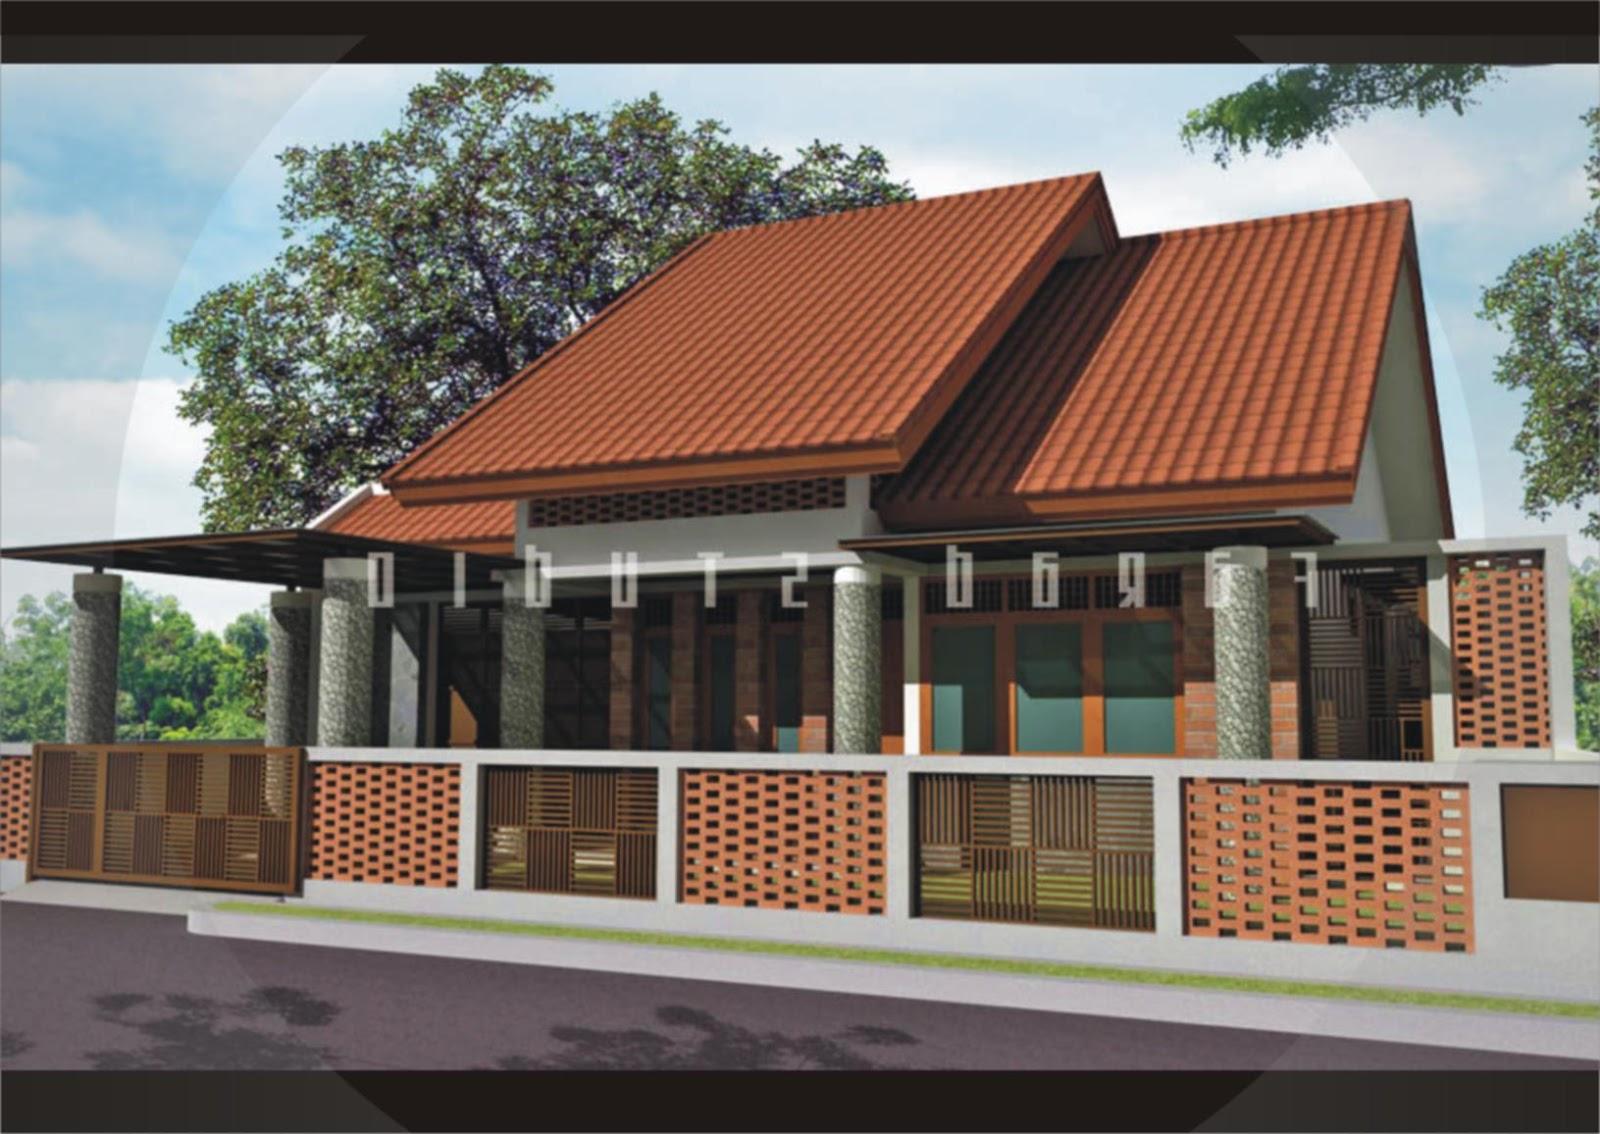 62 Desain Rumah Minimalis Bata Ekspos  Desain Rumah